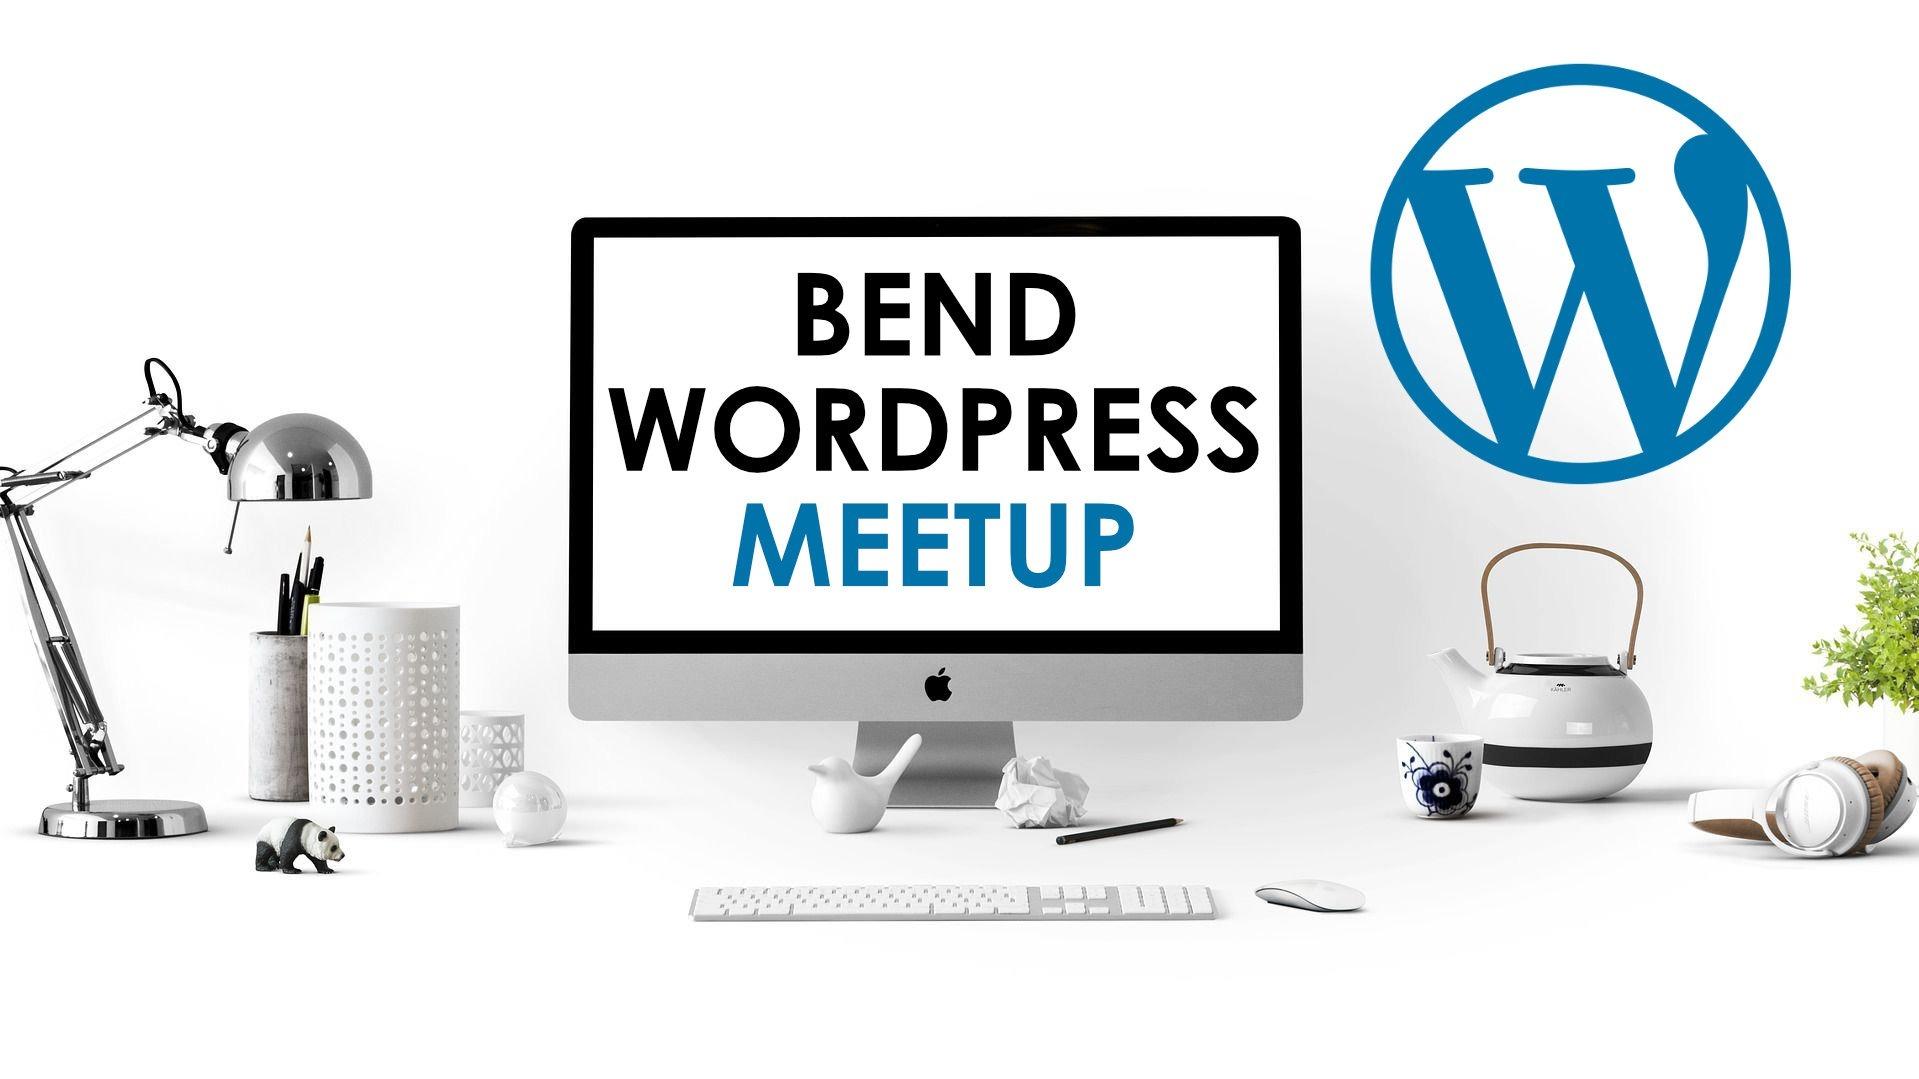 Bend WordPress Meetup